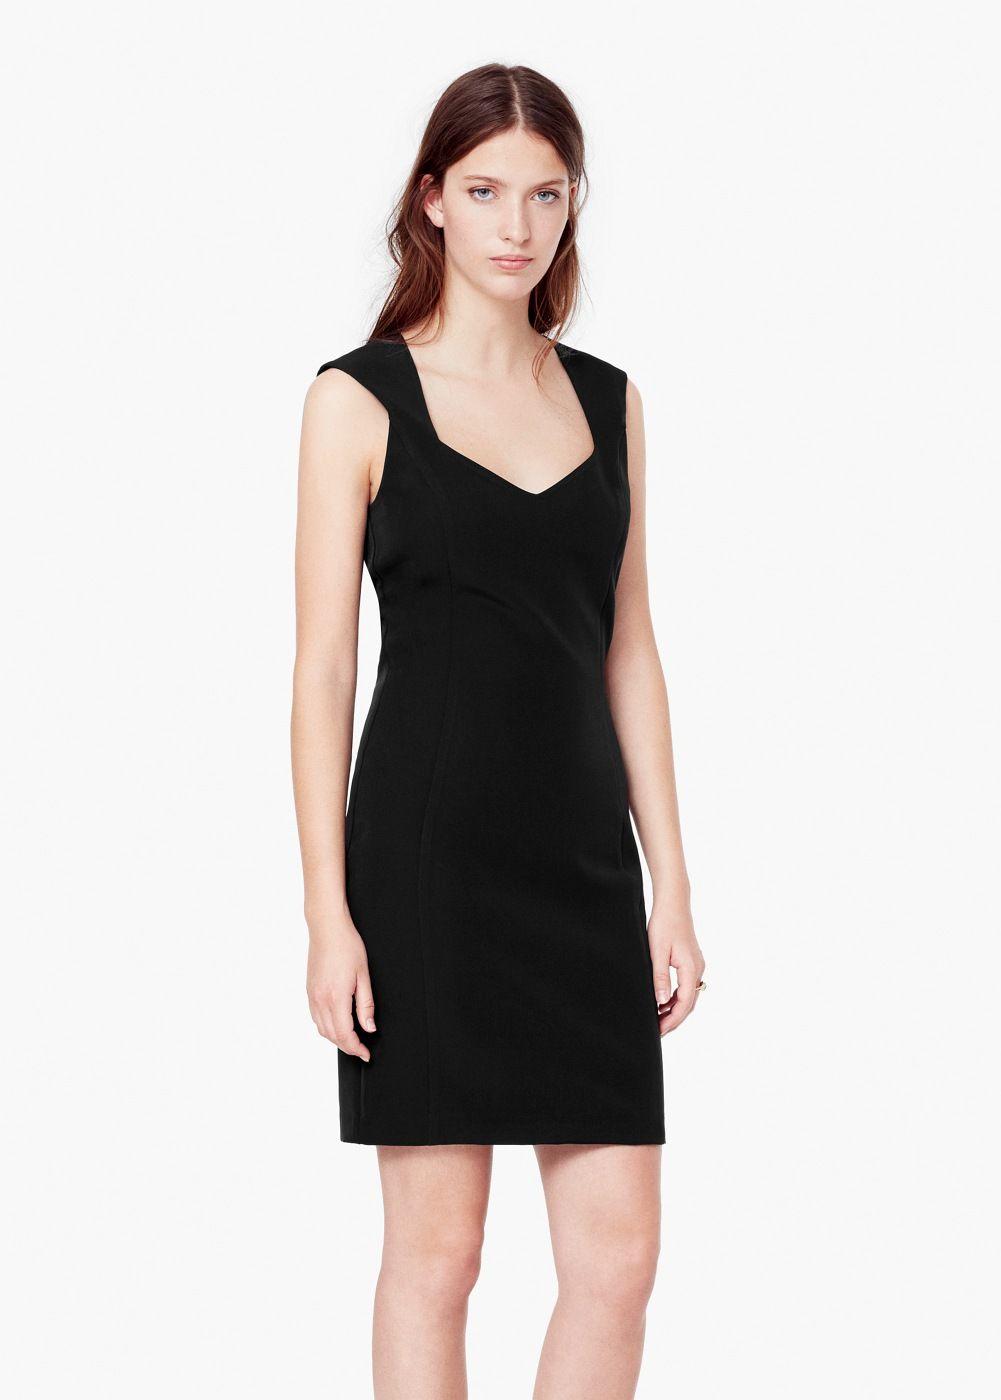 a528129839d74b jurk Impress Vestidos Dress Dames Getailleerde to Pinterest vw1CqIdR